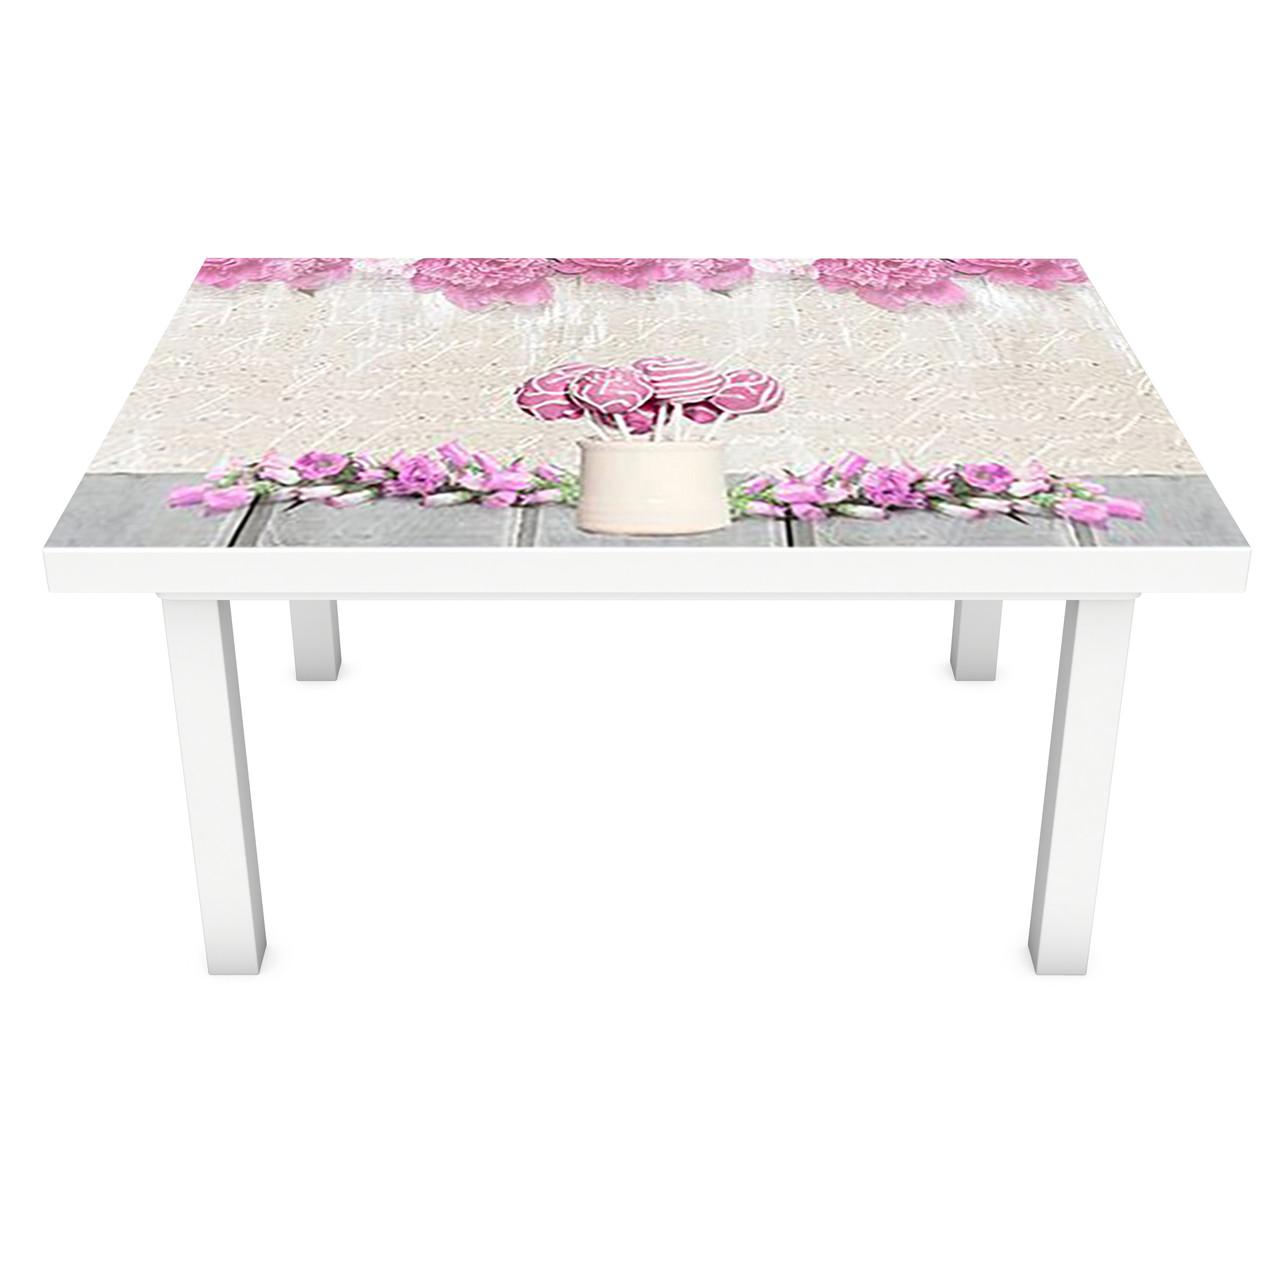 Наклейка на стол Розовые сладости ПВХ интерьерная пленка для мебели цветы еда 3Д Бежевый 600*1200 мм